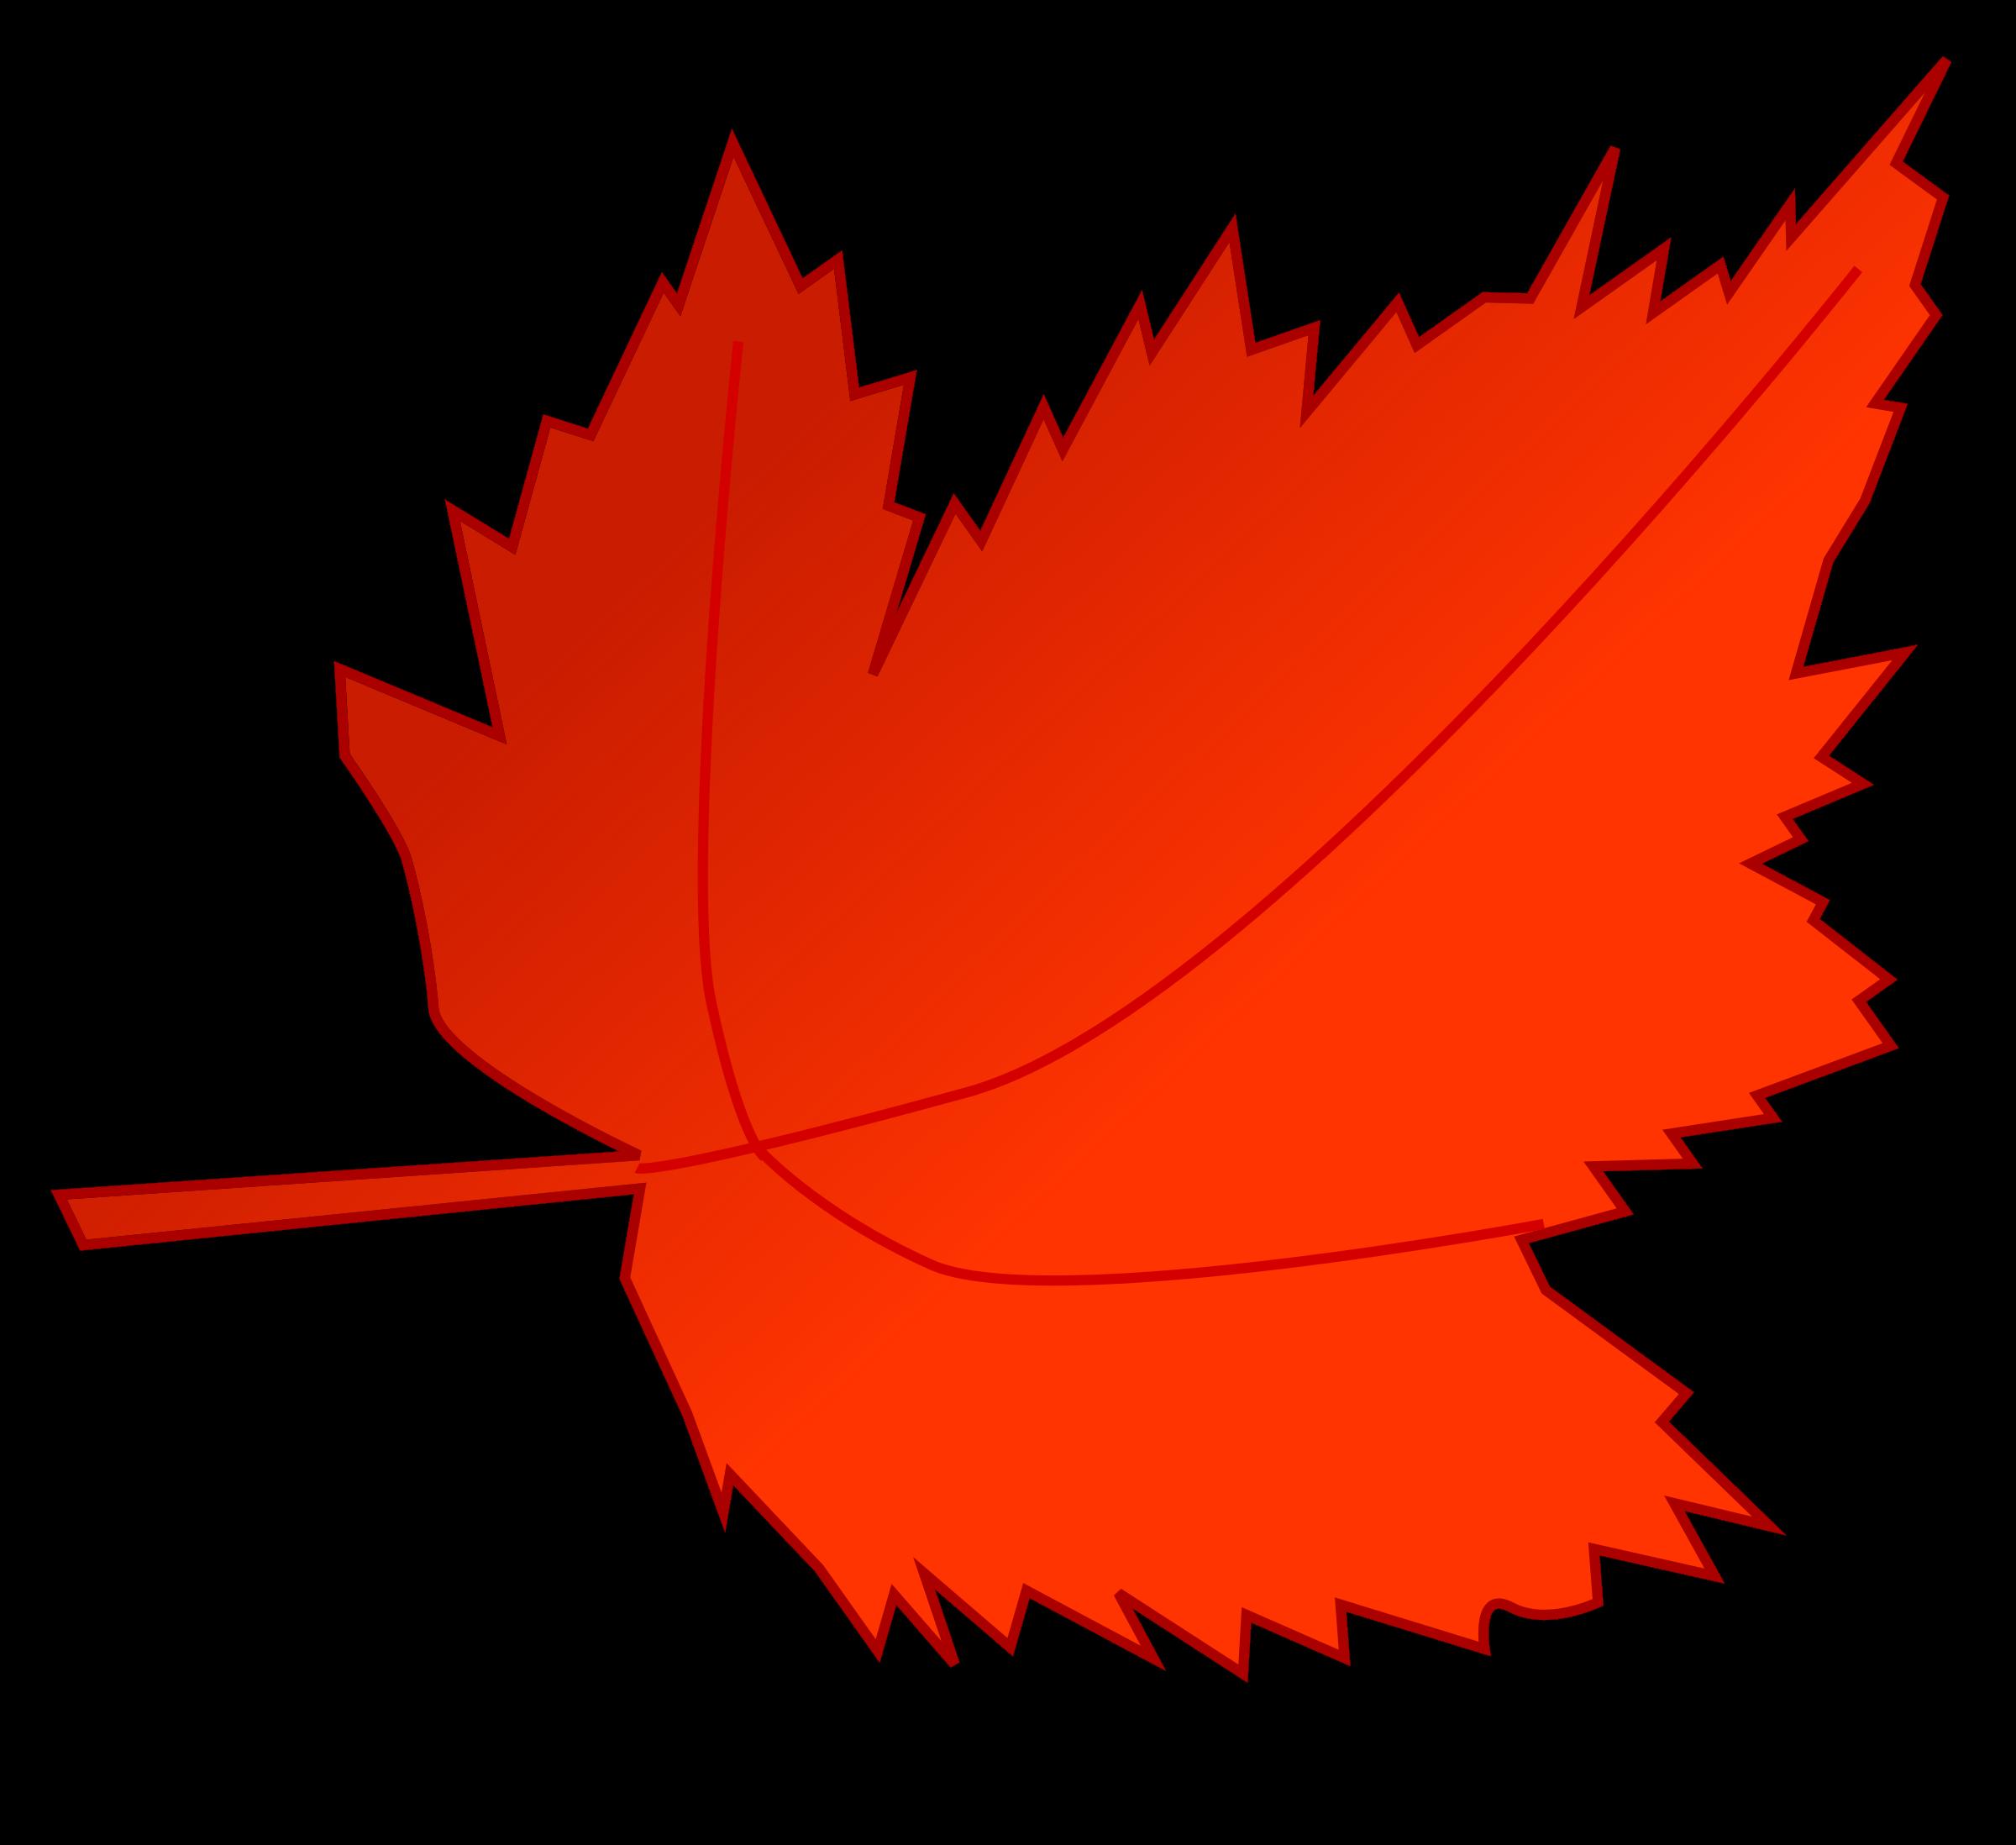 Big image png. 2 clipart leaf